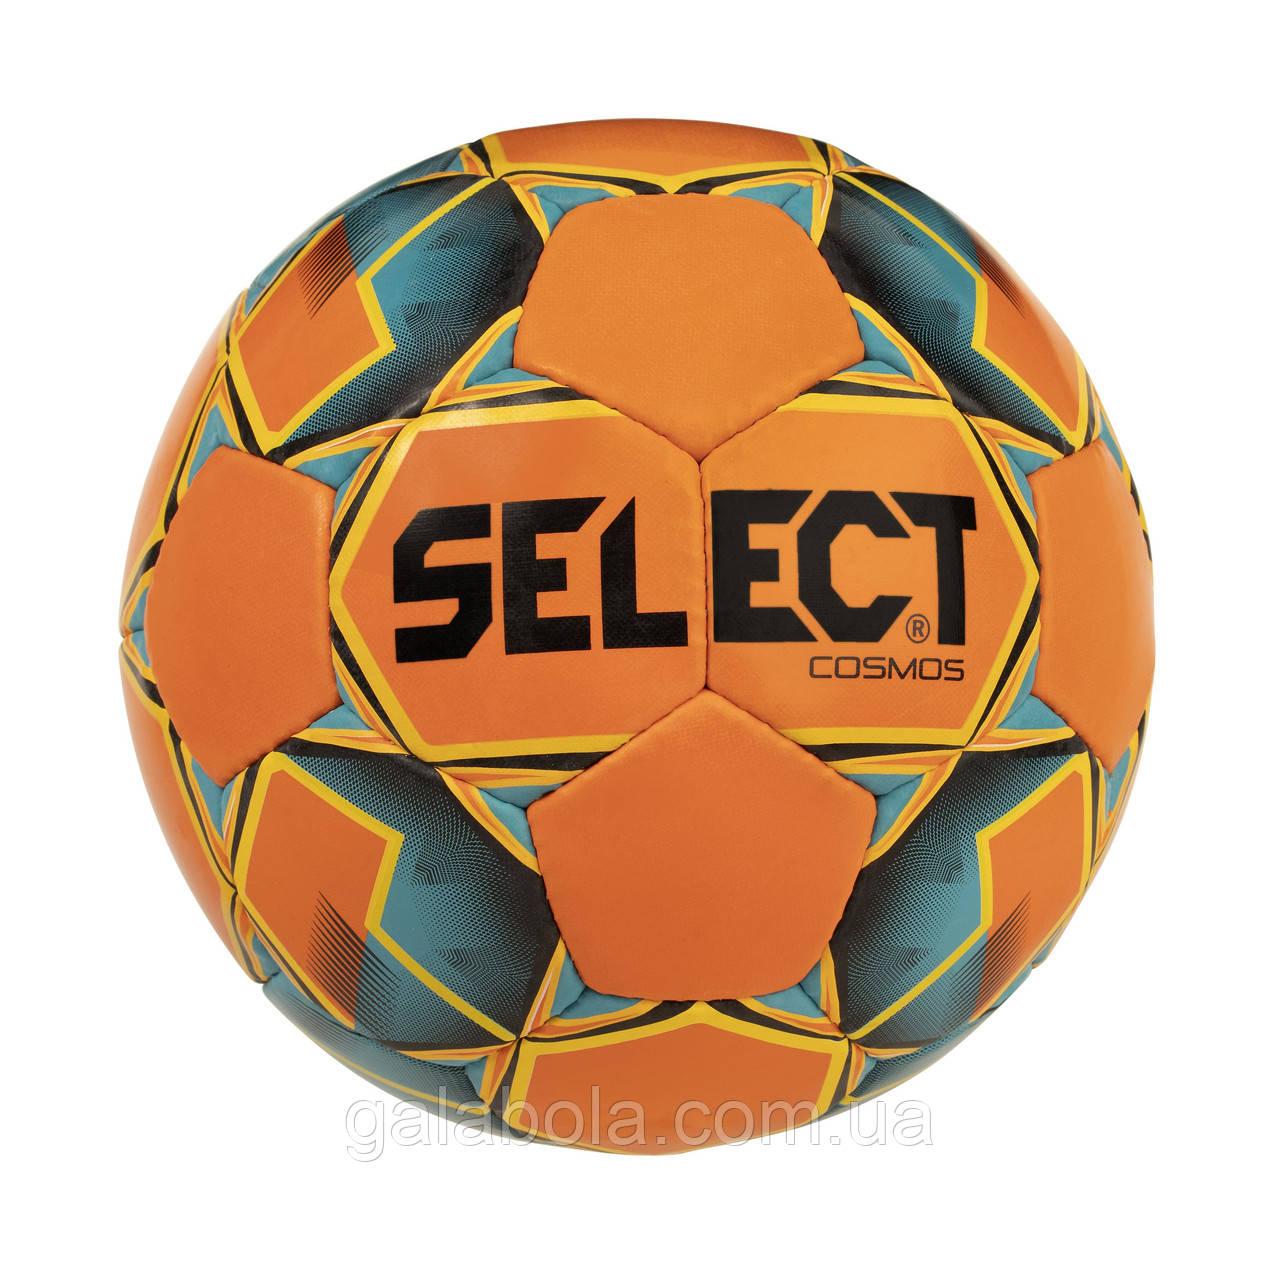 М'яч футбольний SELECT COSMOS (розмір 5)